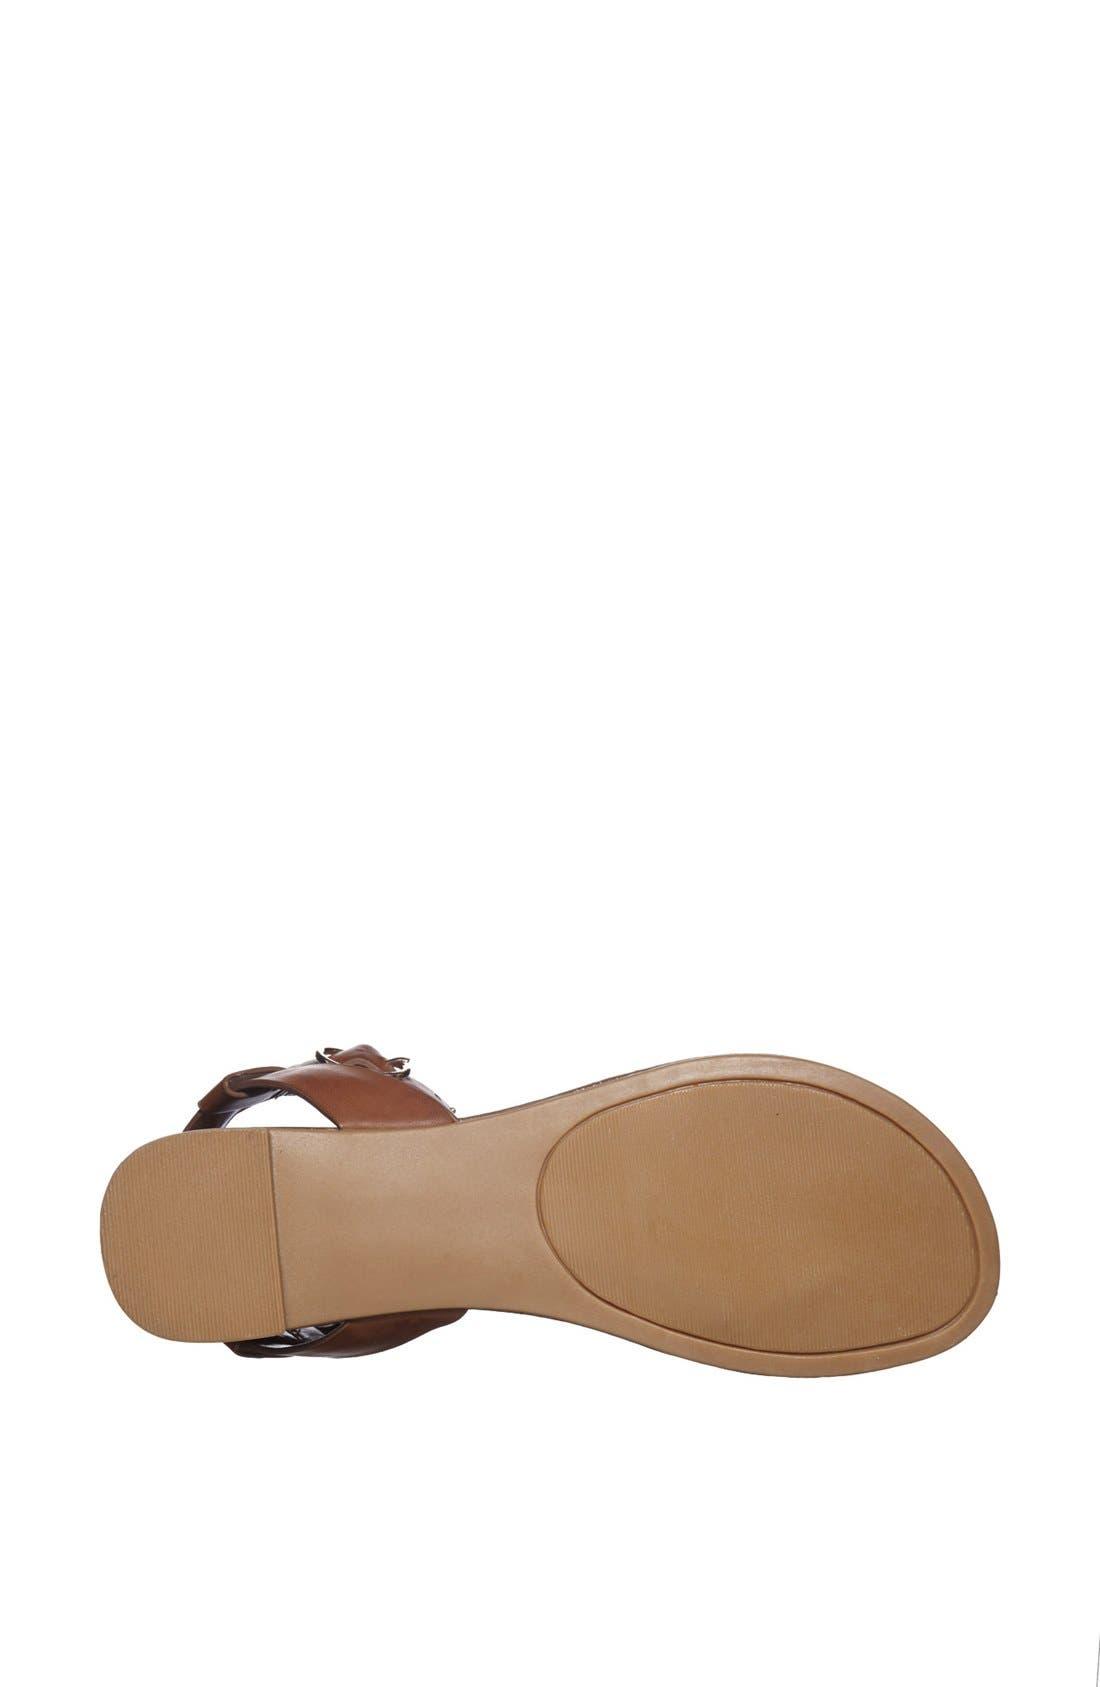 Alternate Image 4  - Steve Madden 'Zeta' Studded Sandal